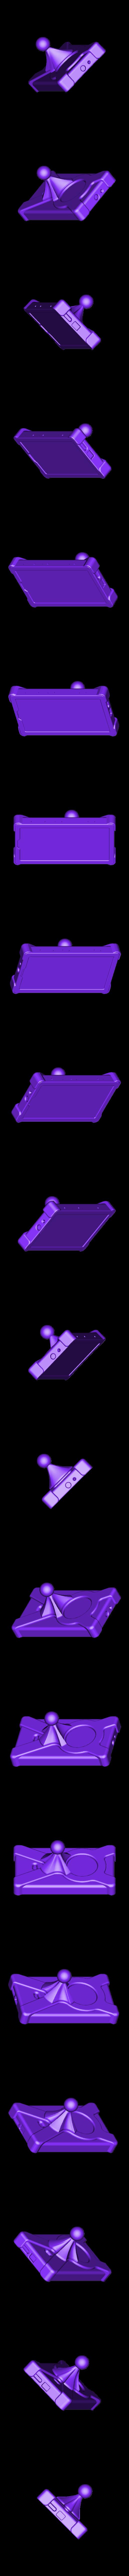 carcasa_armada_2__nokia__1020.stl Télécharger fichier STL gratuit Estuche, funda protectora Nokia Lumia 1020, con sistema articulado • Design pour imprimante 3D, saginau